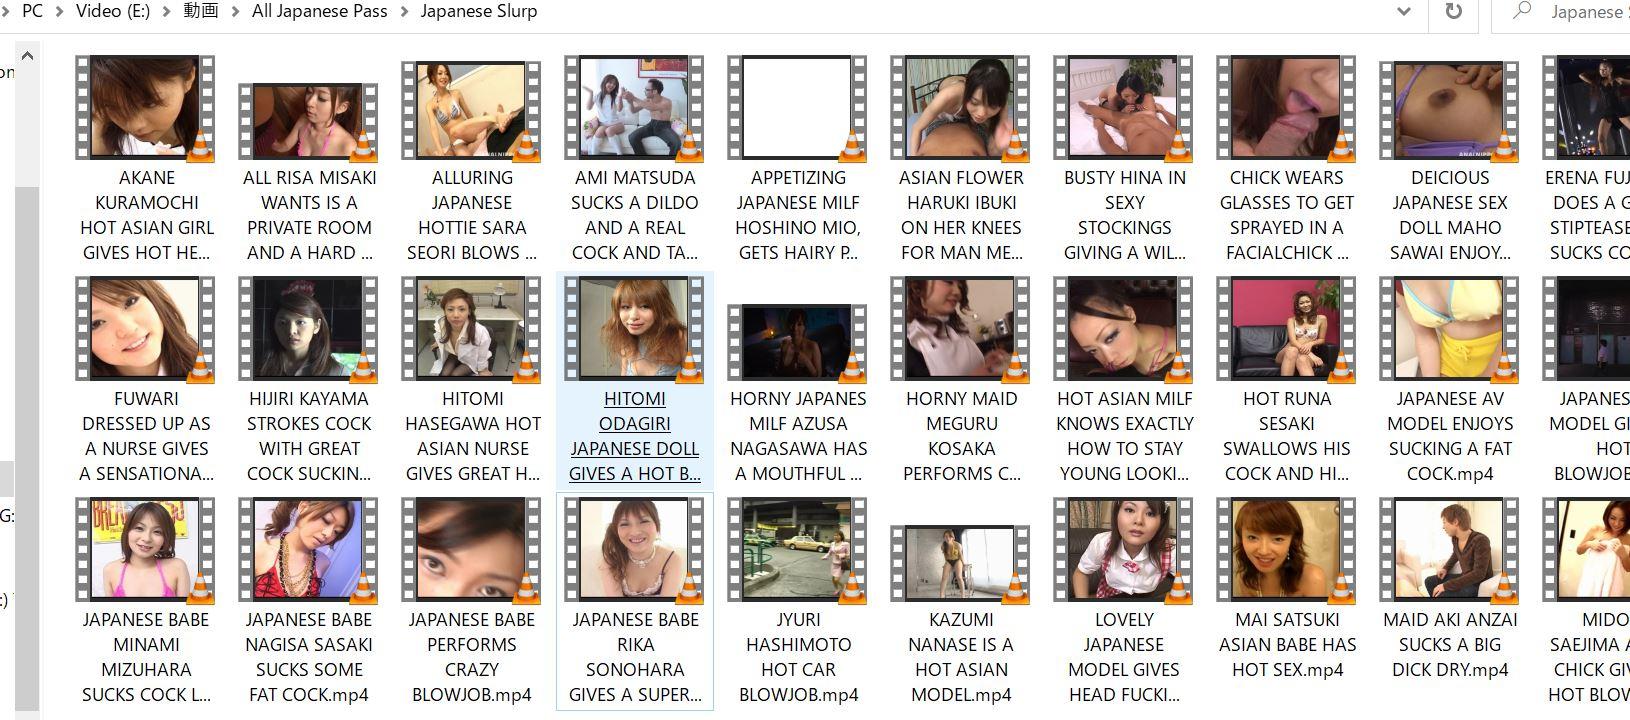 私がJapanese Slurpからダウンロードした無修正フェラチオ動画の一部